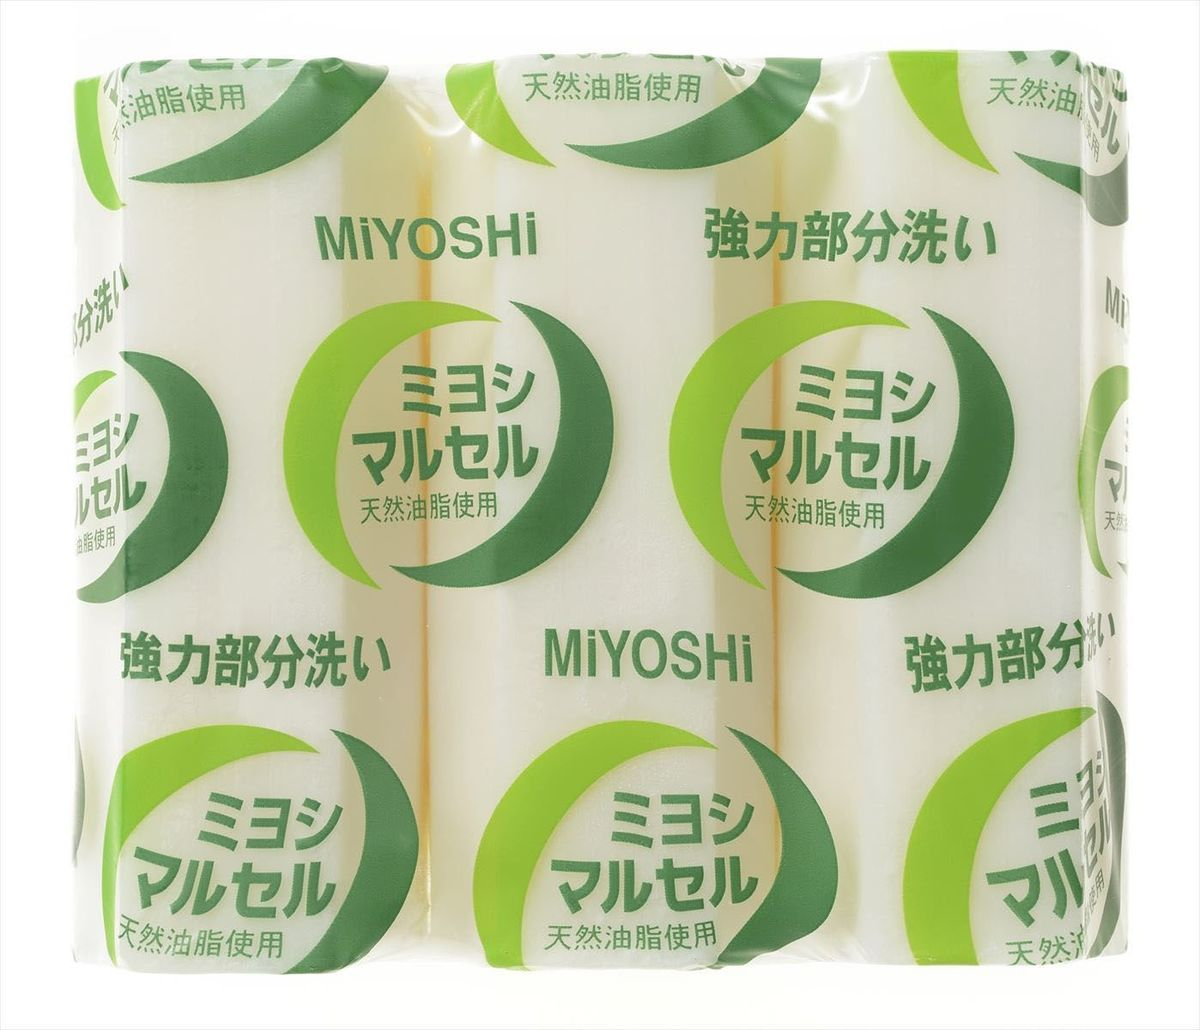 Мыло для стирки Miyoshi Miyosh, для точечного застирывания стойких загрязнений. 10066010972Мыло предназначено специально для точечного застирывания стойких загрязнений. Отличается высокими отстирывающими свойствами, удаляет стойкие запахи, следы желтизны за счет наличия в составе щелочных компонентов (солей кремниевой кислоты), легко справляется с такими загрязнениями, как грязь, жир, машинное масло. Твердое, без красителей, со слабо выраженным ароматом. Меры предосторожности: Используйте строго по назначению. Не для стирки шелка и шерсти. Людям с повышенной чувствительностью кожи, а также при длительном контакте кожи рук с водой рекомендуется использовать резиновые перчатки. Избегайте попадания в глаза мыльного раствора, при попадании немедленно промойте глаза водой. После использования храните мыло в сухом месте. Состав: чистая (без примесей) мыльная основа (натриевая соль с содержанием жирных кислот 78%), щелочные компоненты (силикаты).